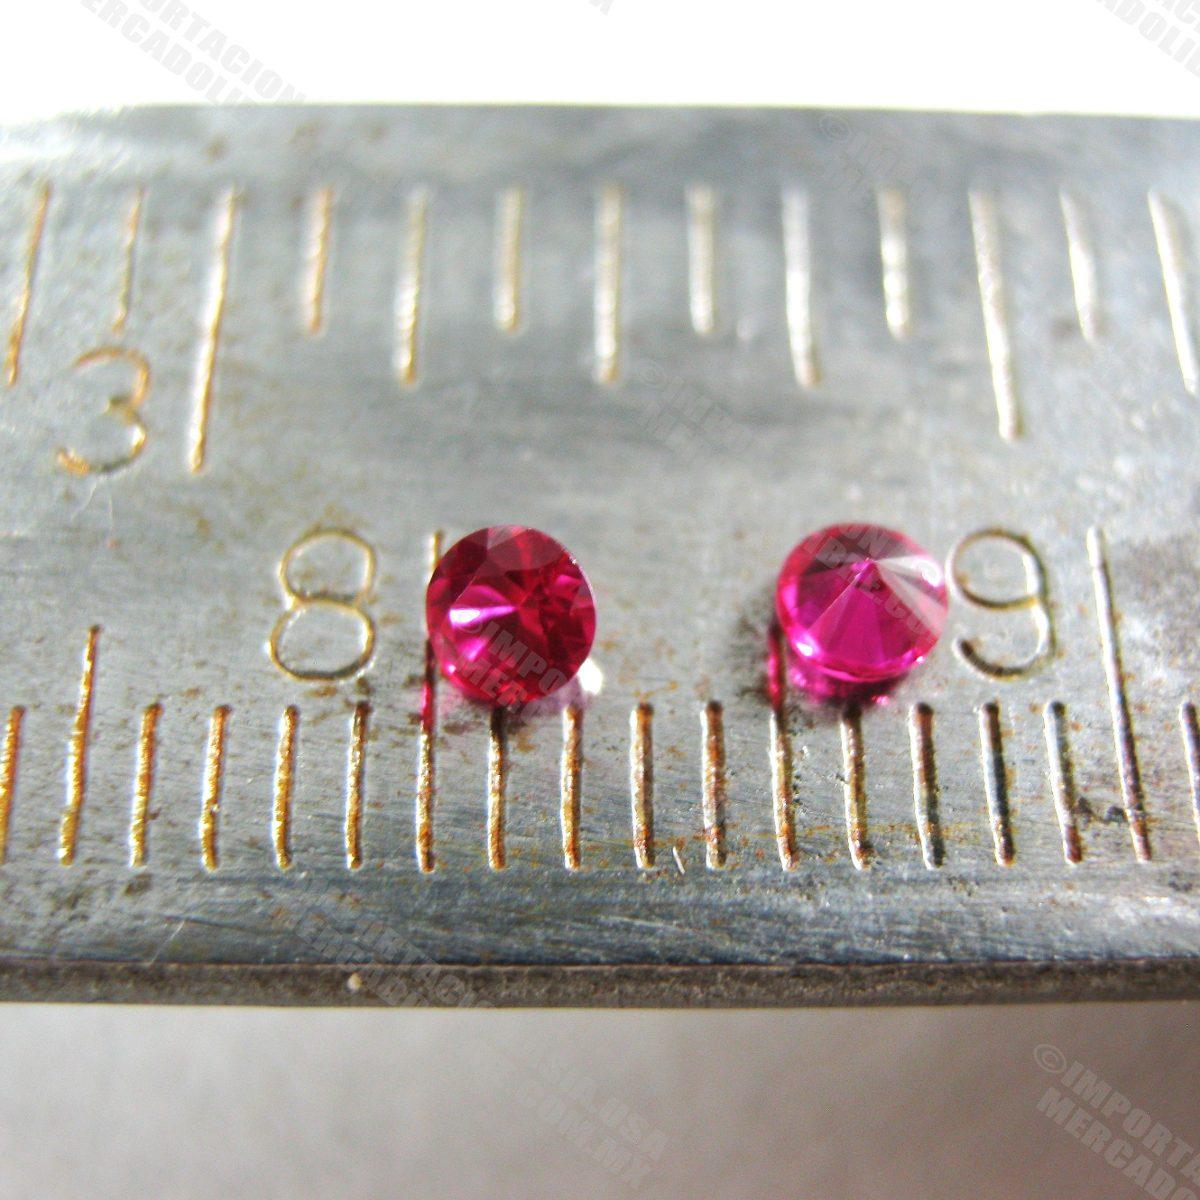 Rub 237 Piedra Preciosa Buen Precio 2 Rub 237 Es Mismas